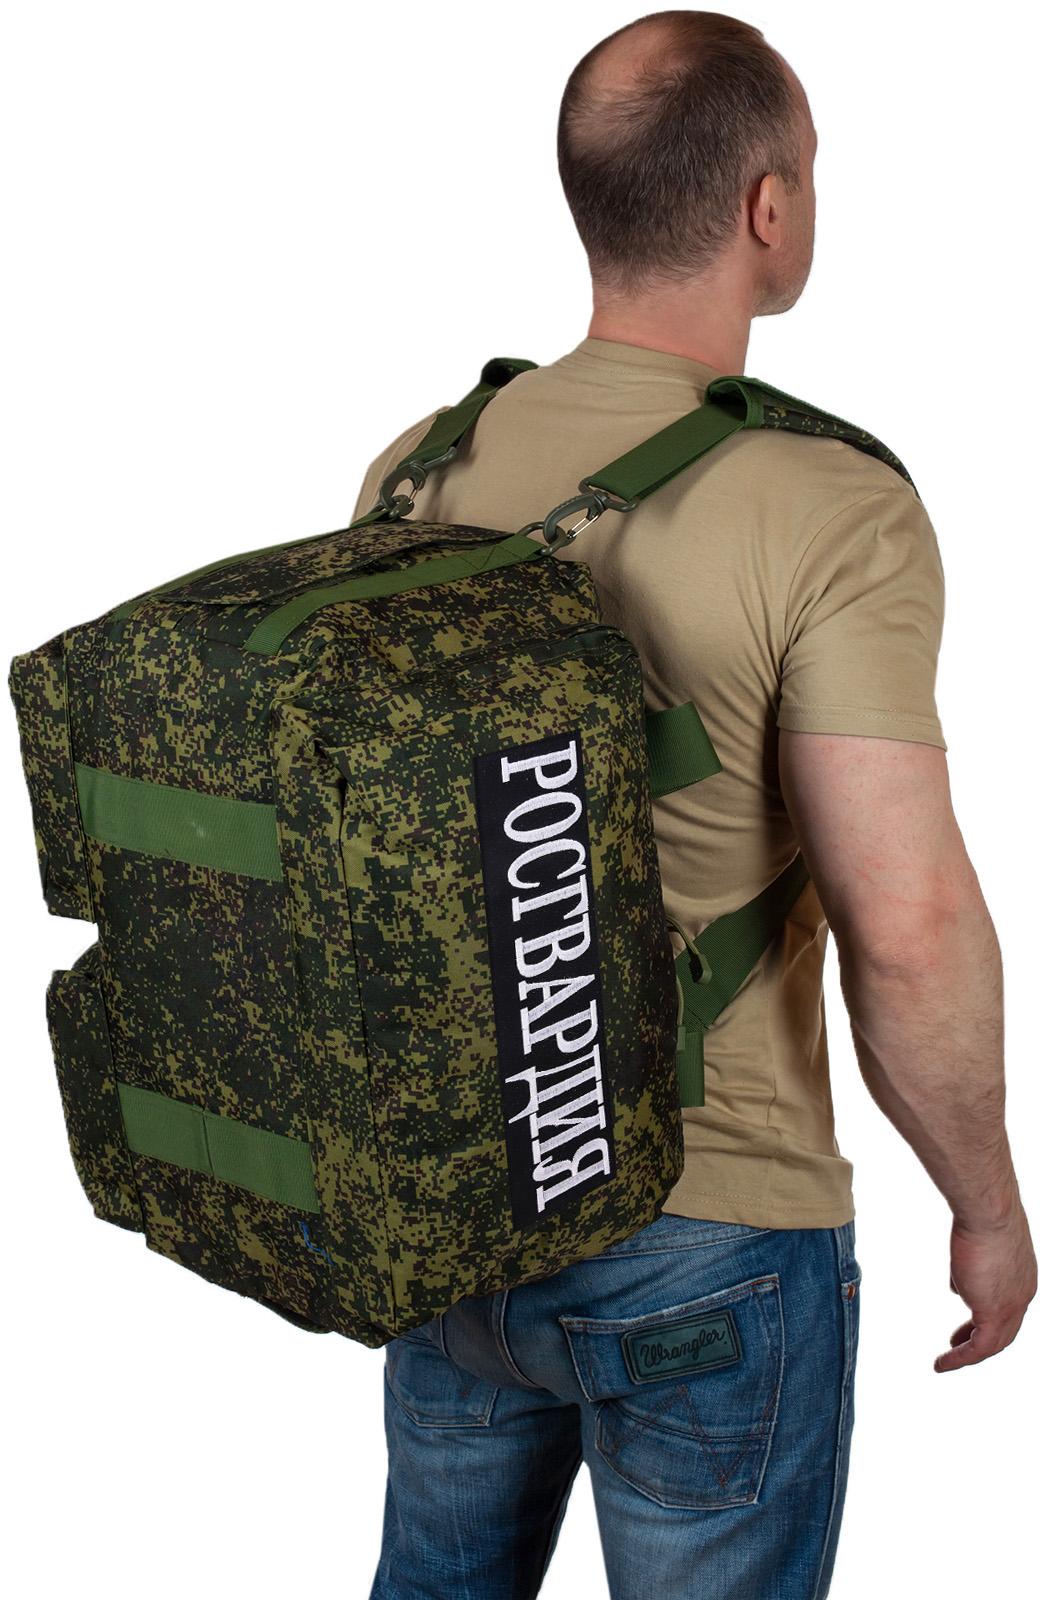 Купить армейскую пиксельную сумку Росгвардия по выгодной цене